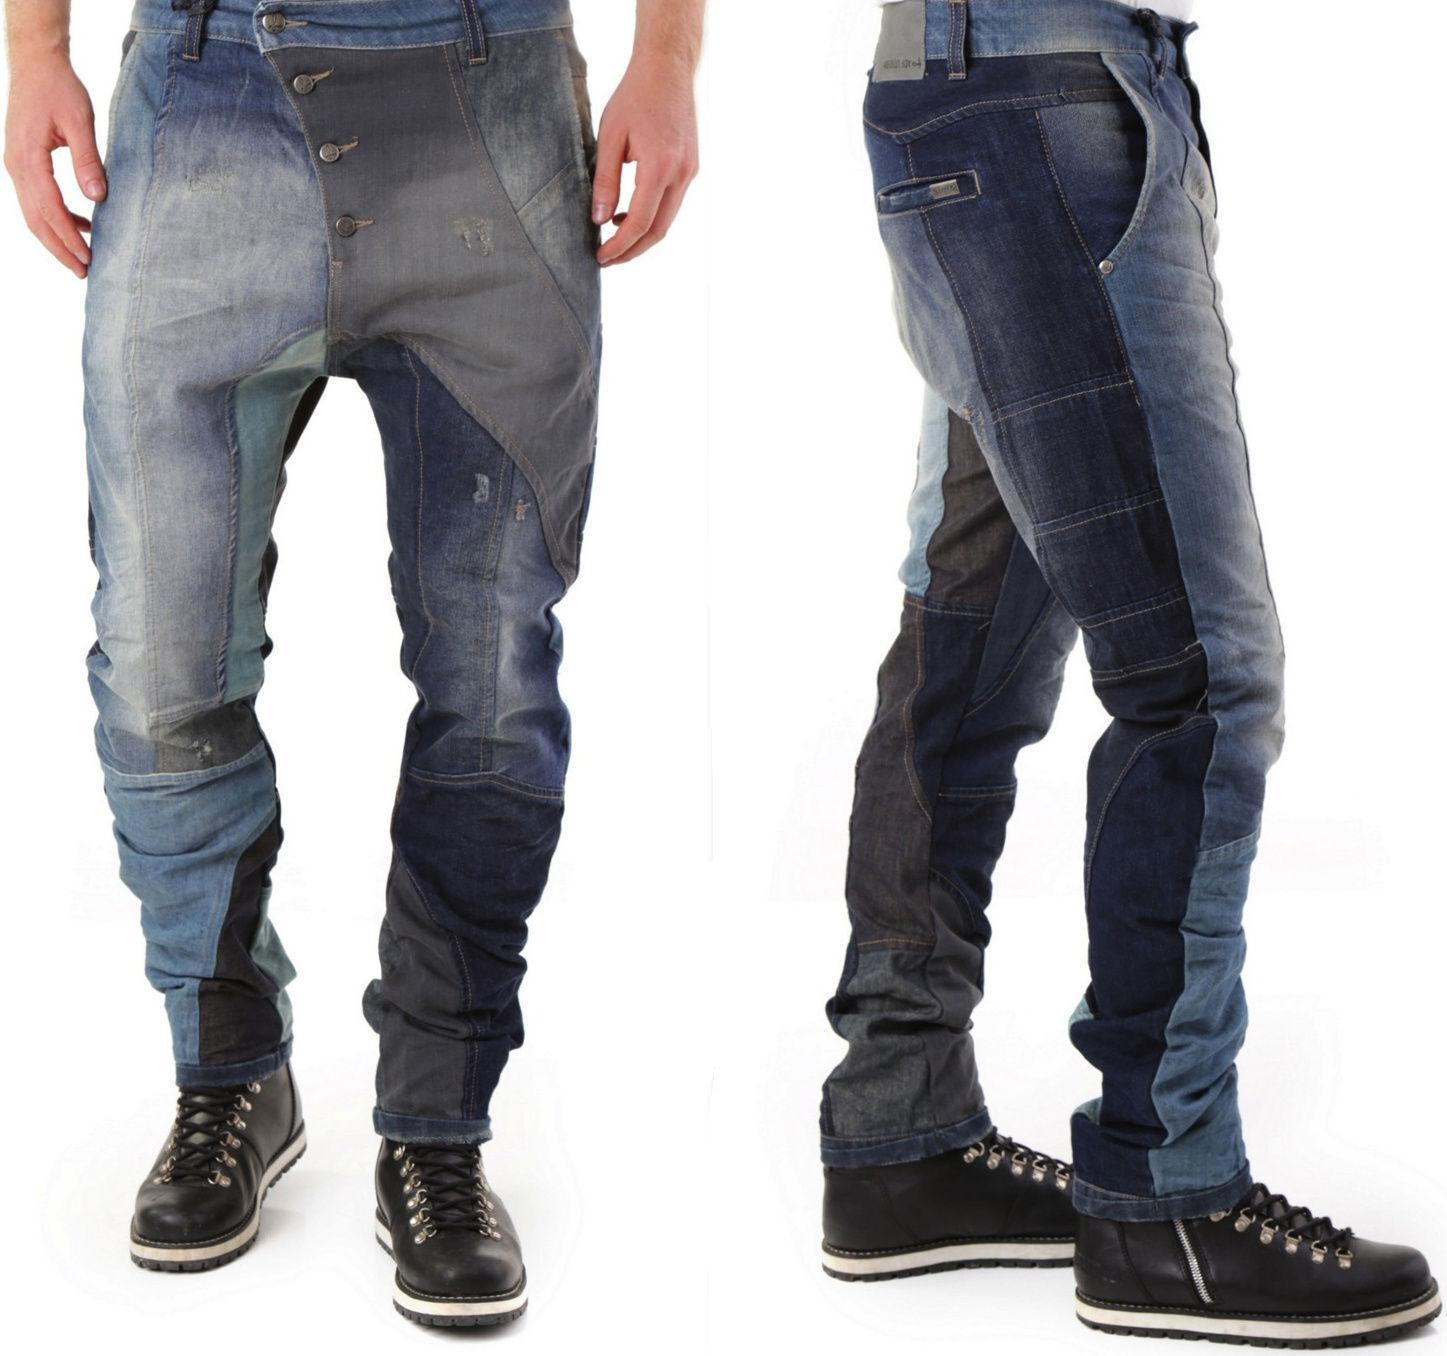 ABSOLUT JOY uomo eleganti superfici curve lisce Loose-Fit MULTIcolore Jeans Pantaloni M-L